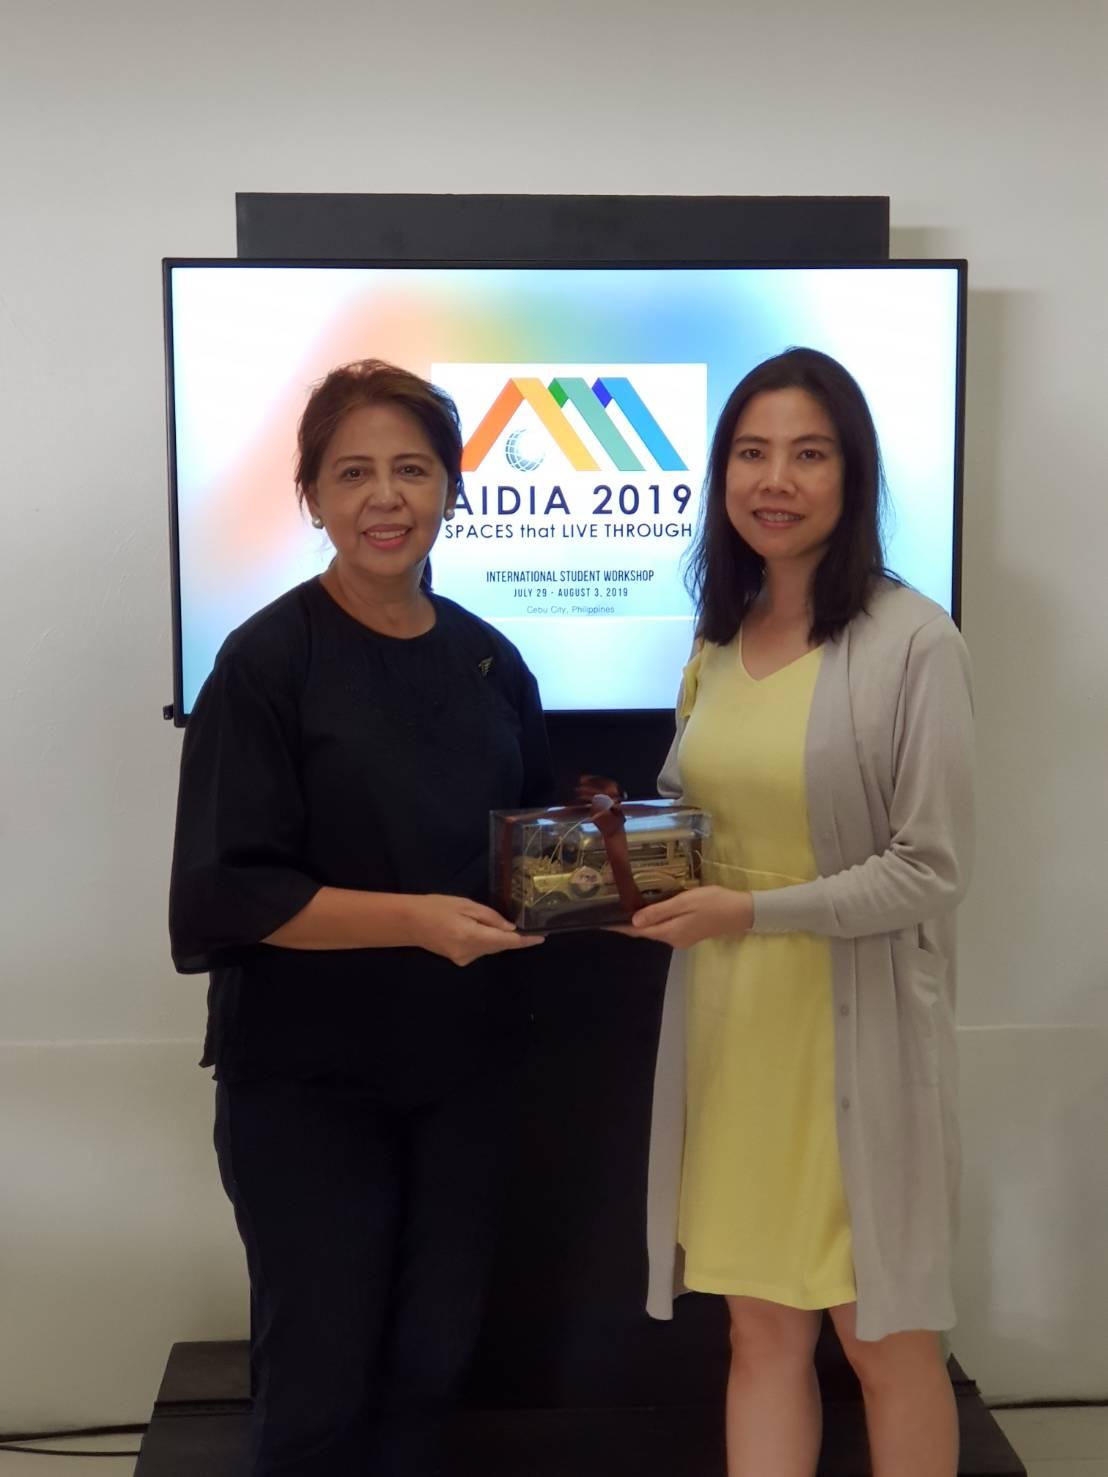 AIDIA Meeting in Cebu July 2019